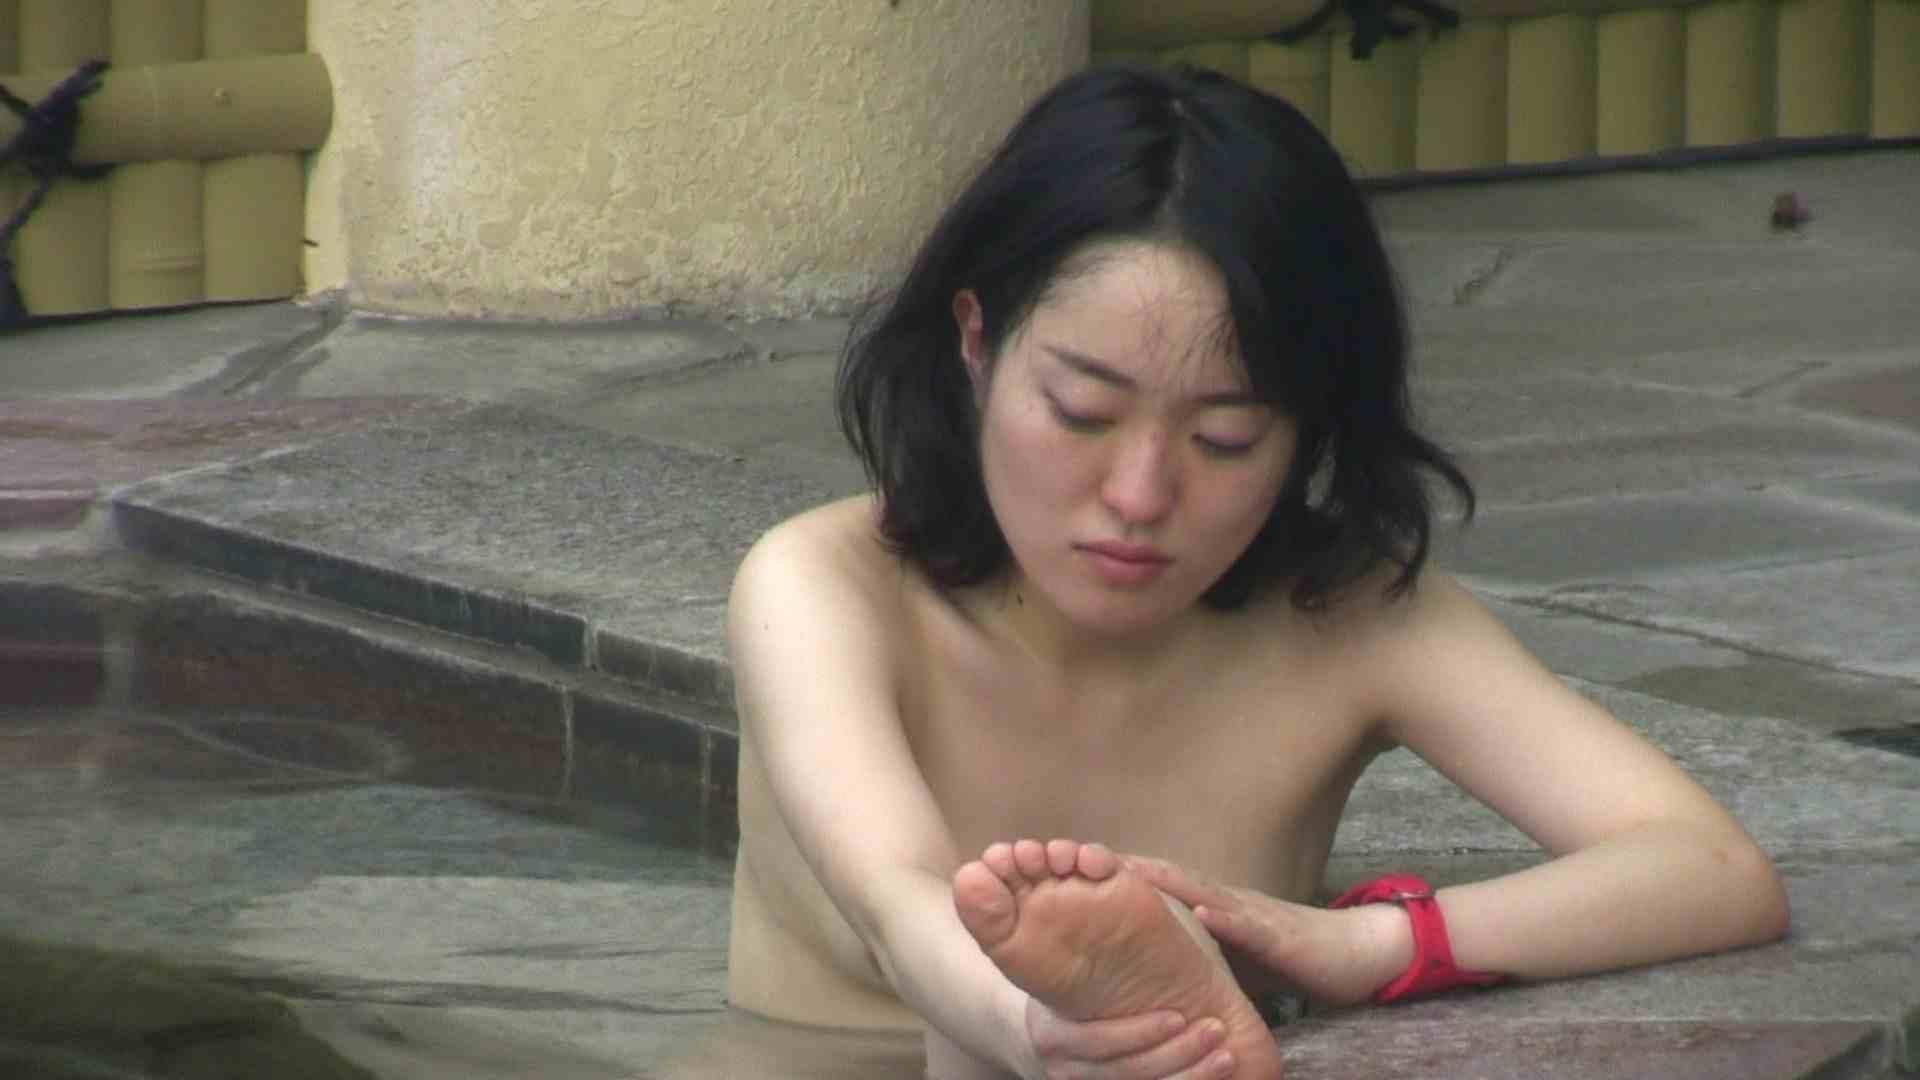 Aquaな露天風呂Vol.681 OLのエロ生活 | 盗撮  63連発 16